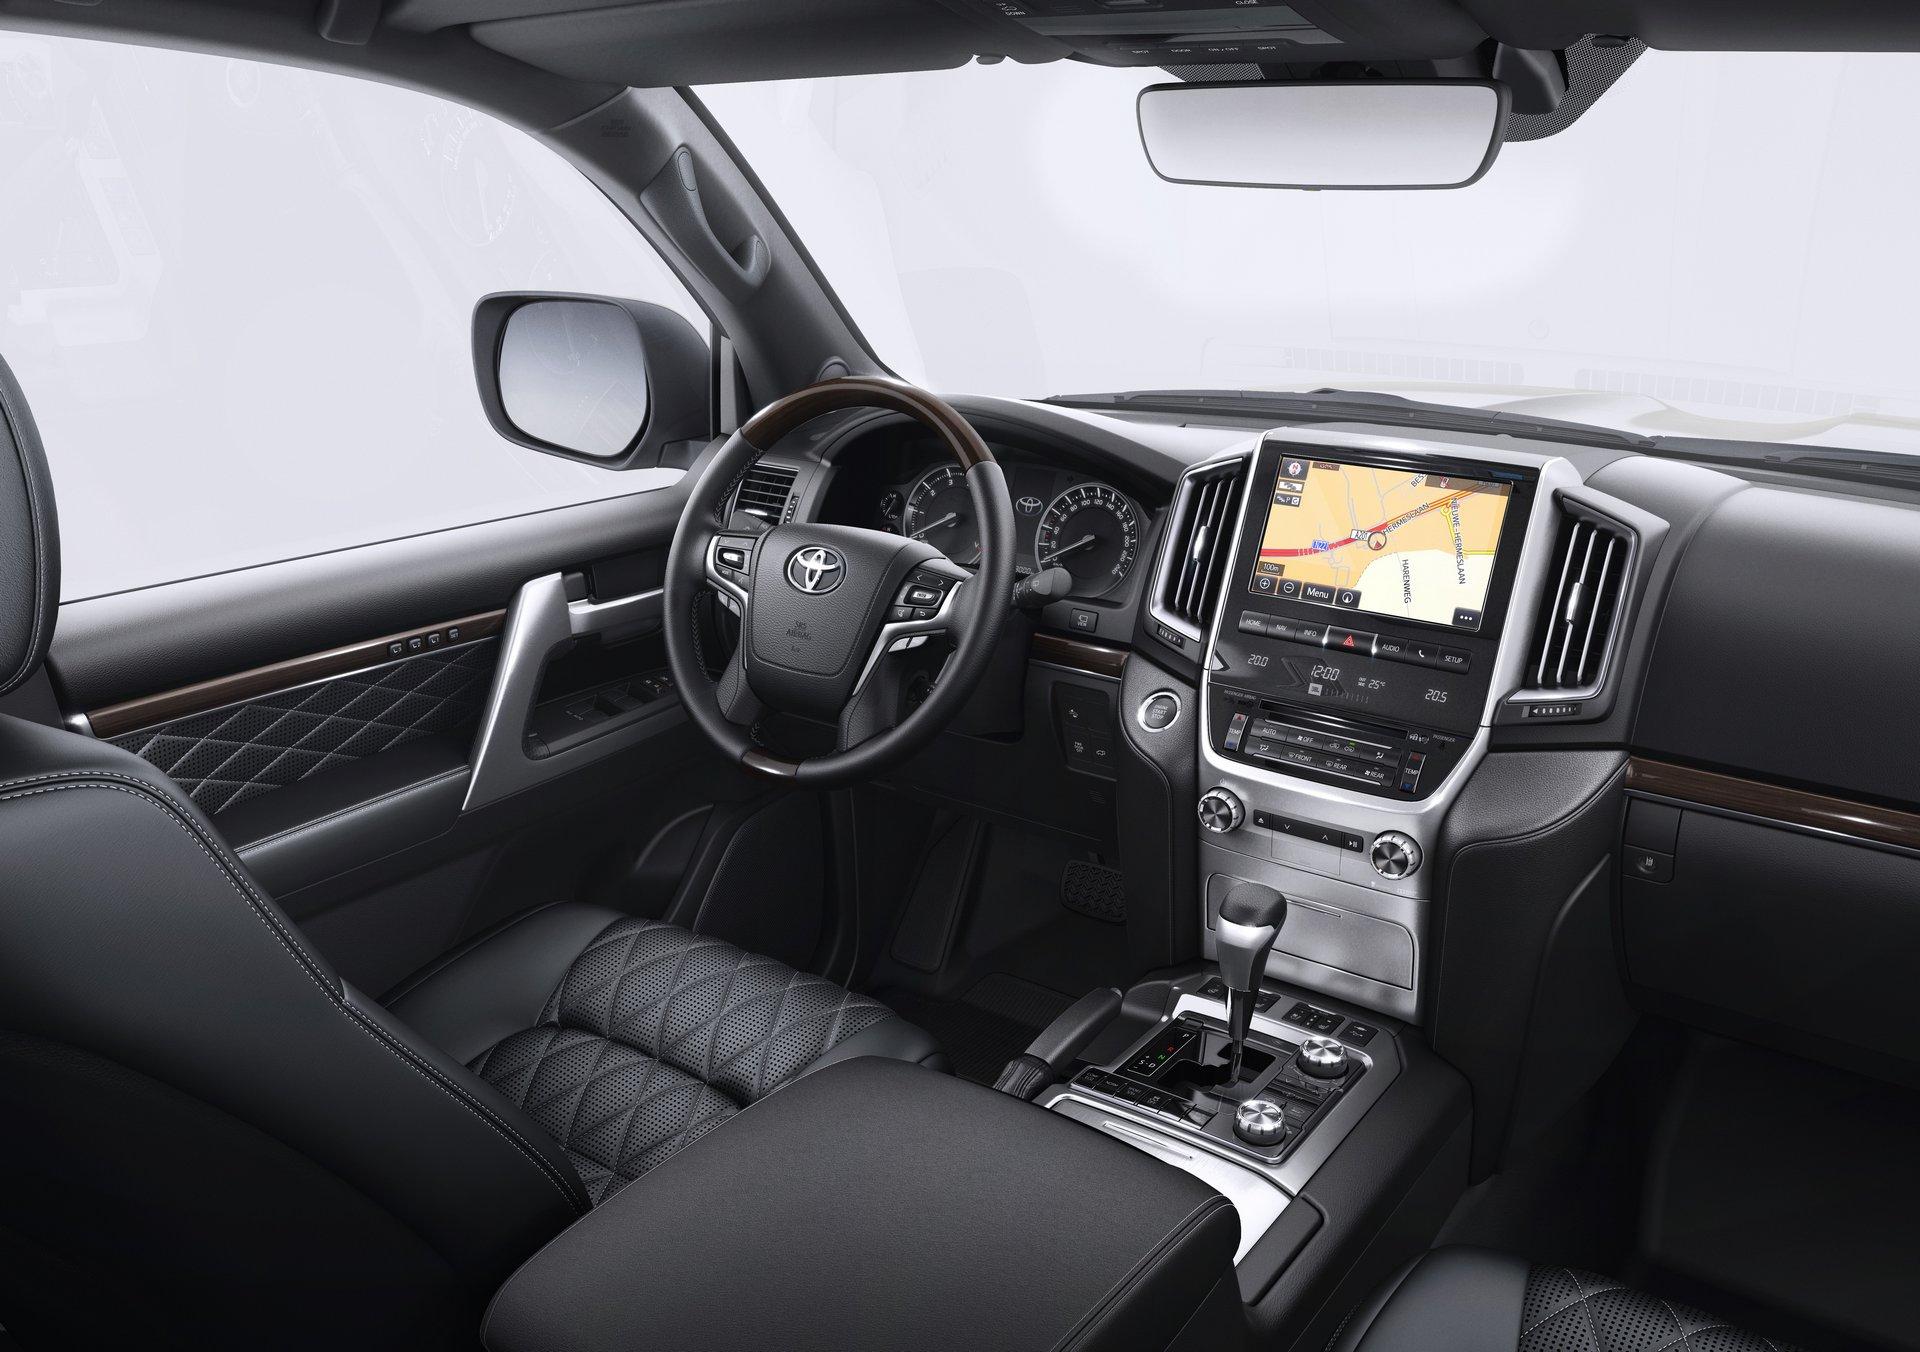 Toyota Land Cruiser 200 Executive Black / White